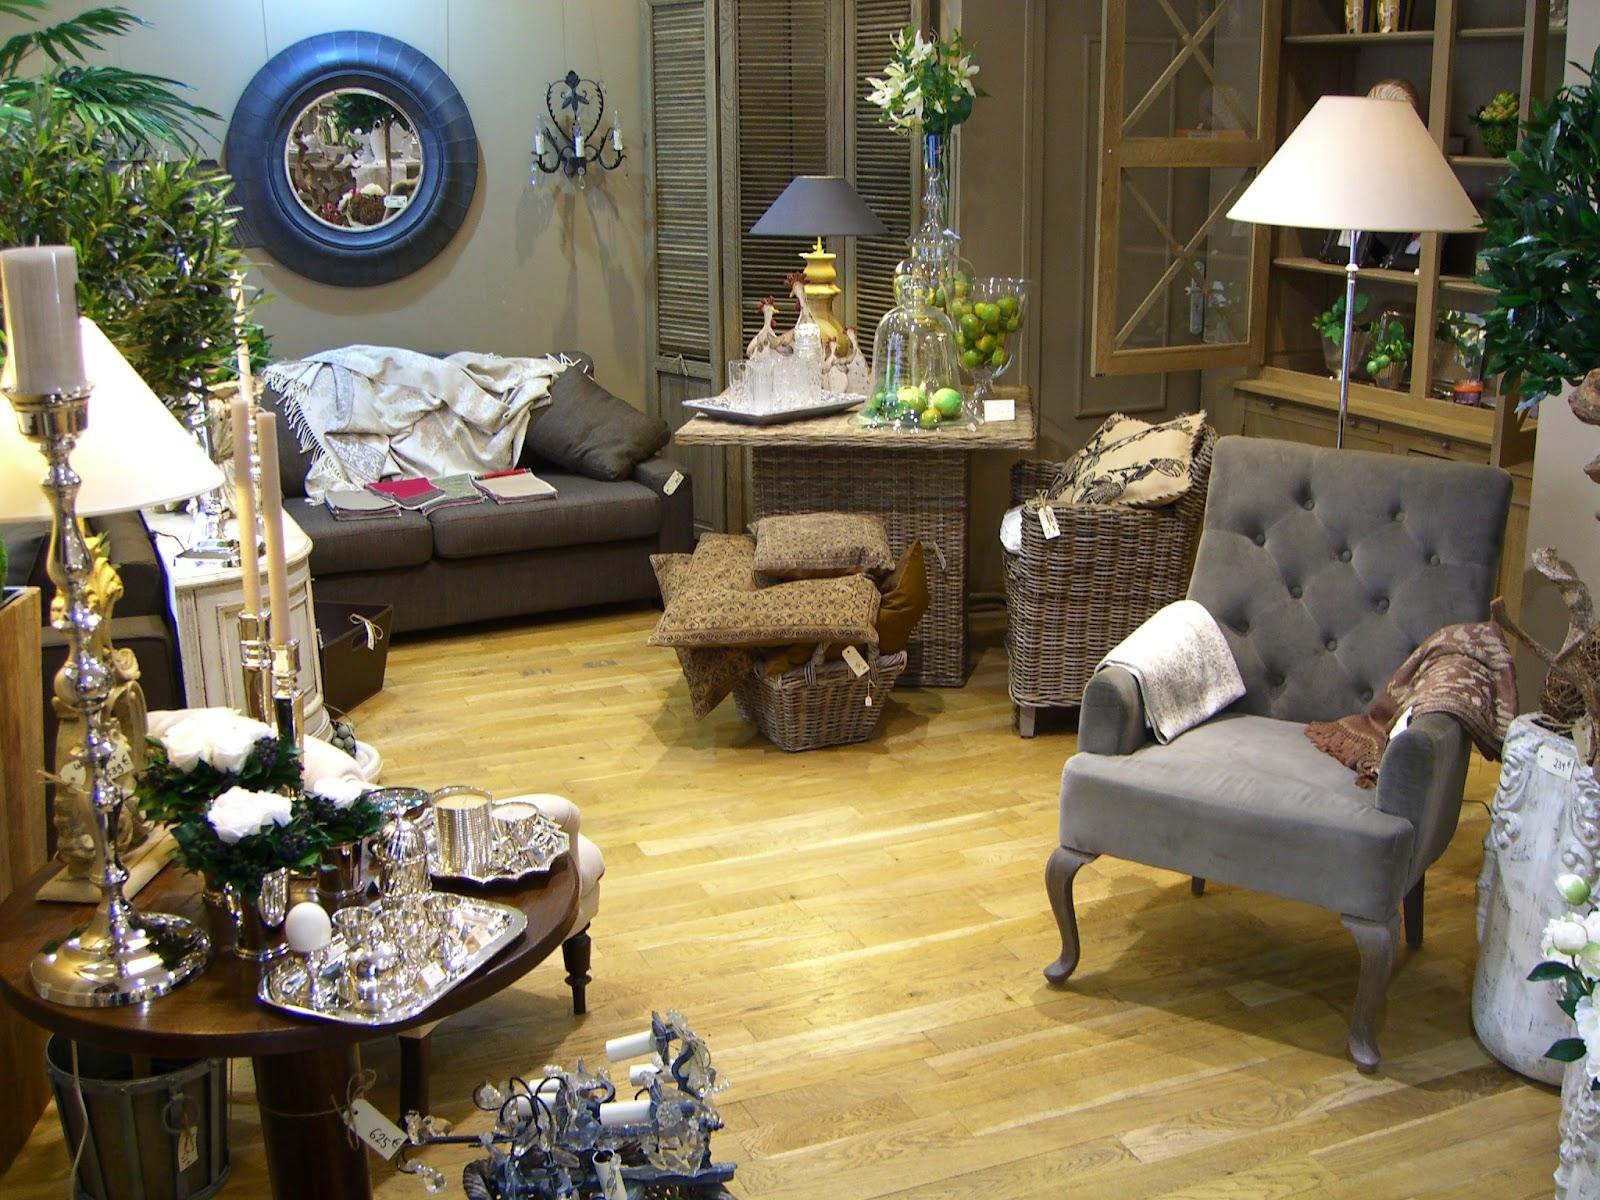 d co bastide boutique de d coration carcassonne prologue bienvenue chez d co bastide. Black Bedroom Furniture Sets. Home Design Ideas